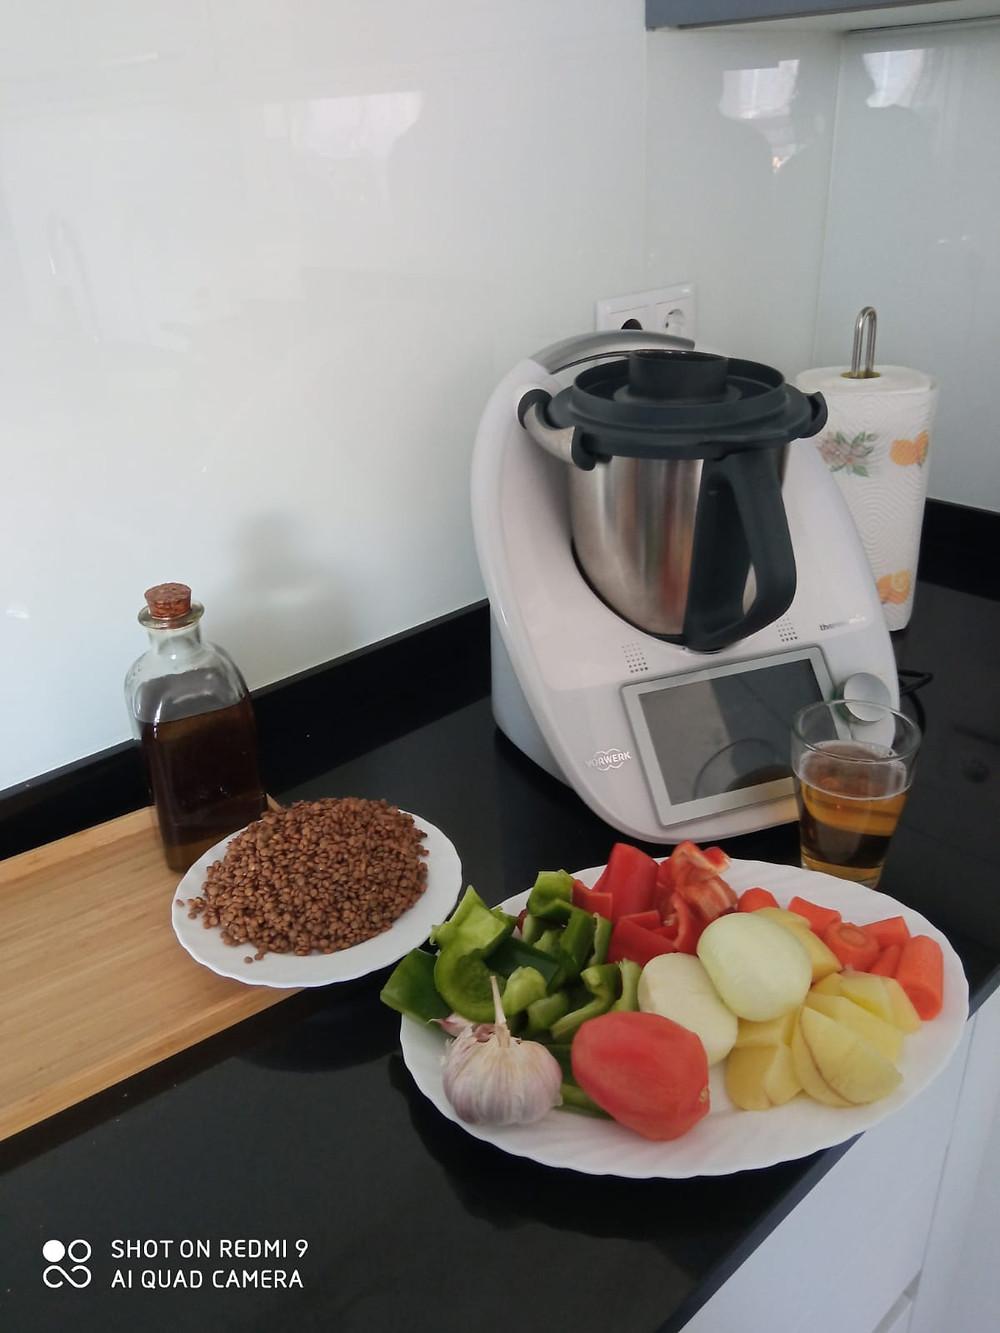 Ingredientes preparados